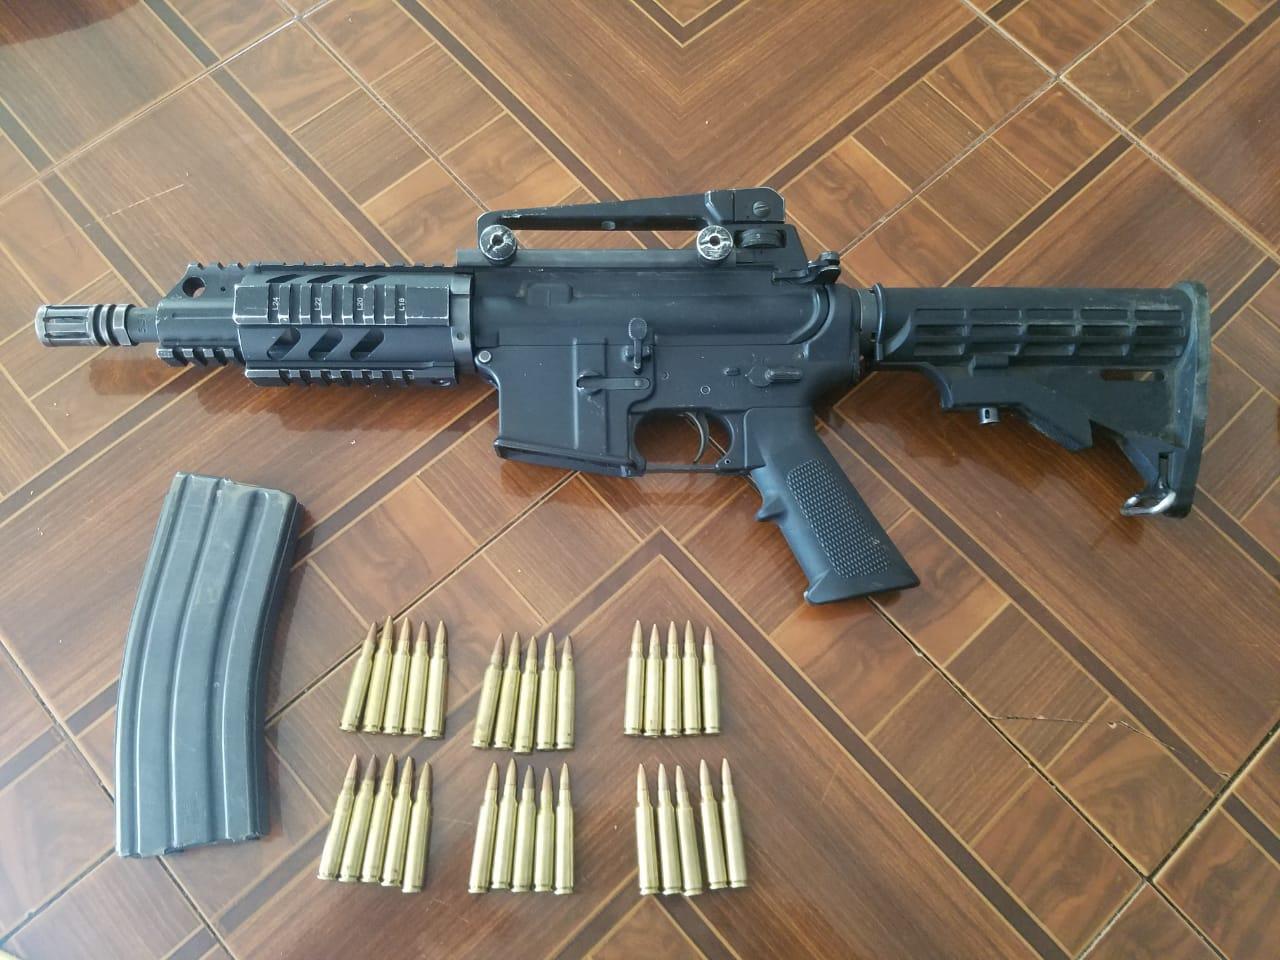 Detencion de una persona a quien se le encontro envuelta en su chamarra un arma de fuego cal. 223mm abastecida con un cargador con 30 cartuchos utiles.